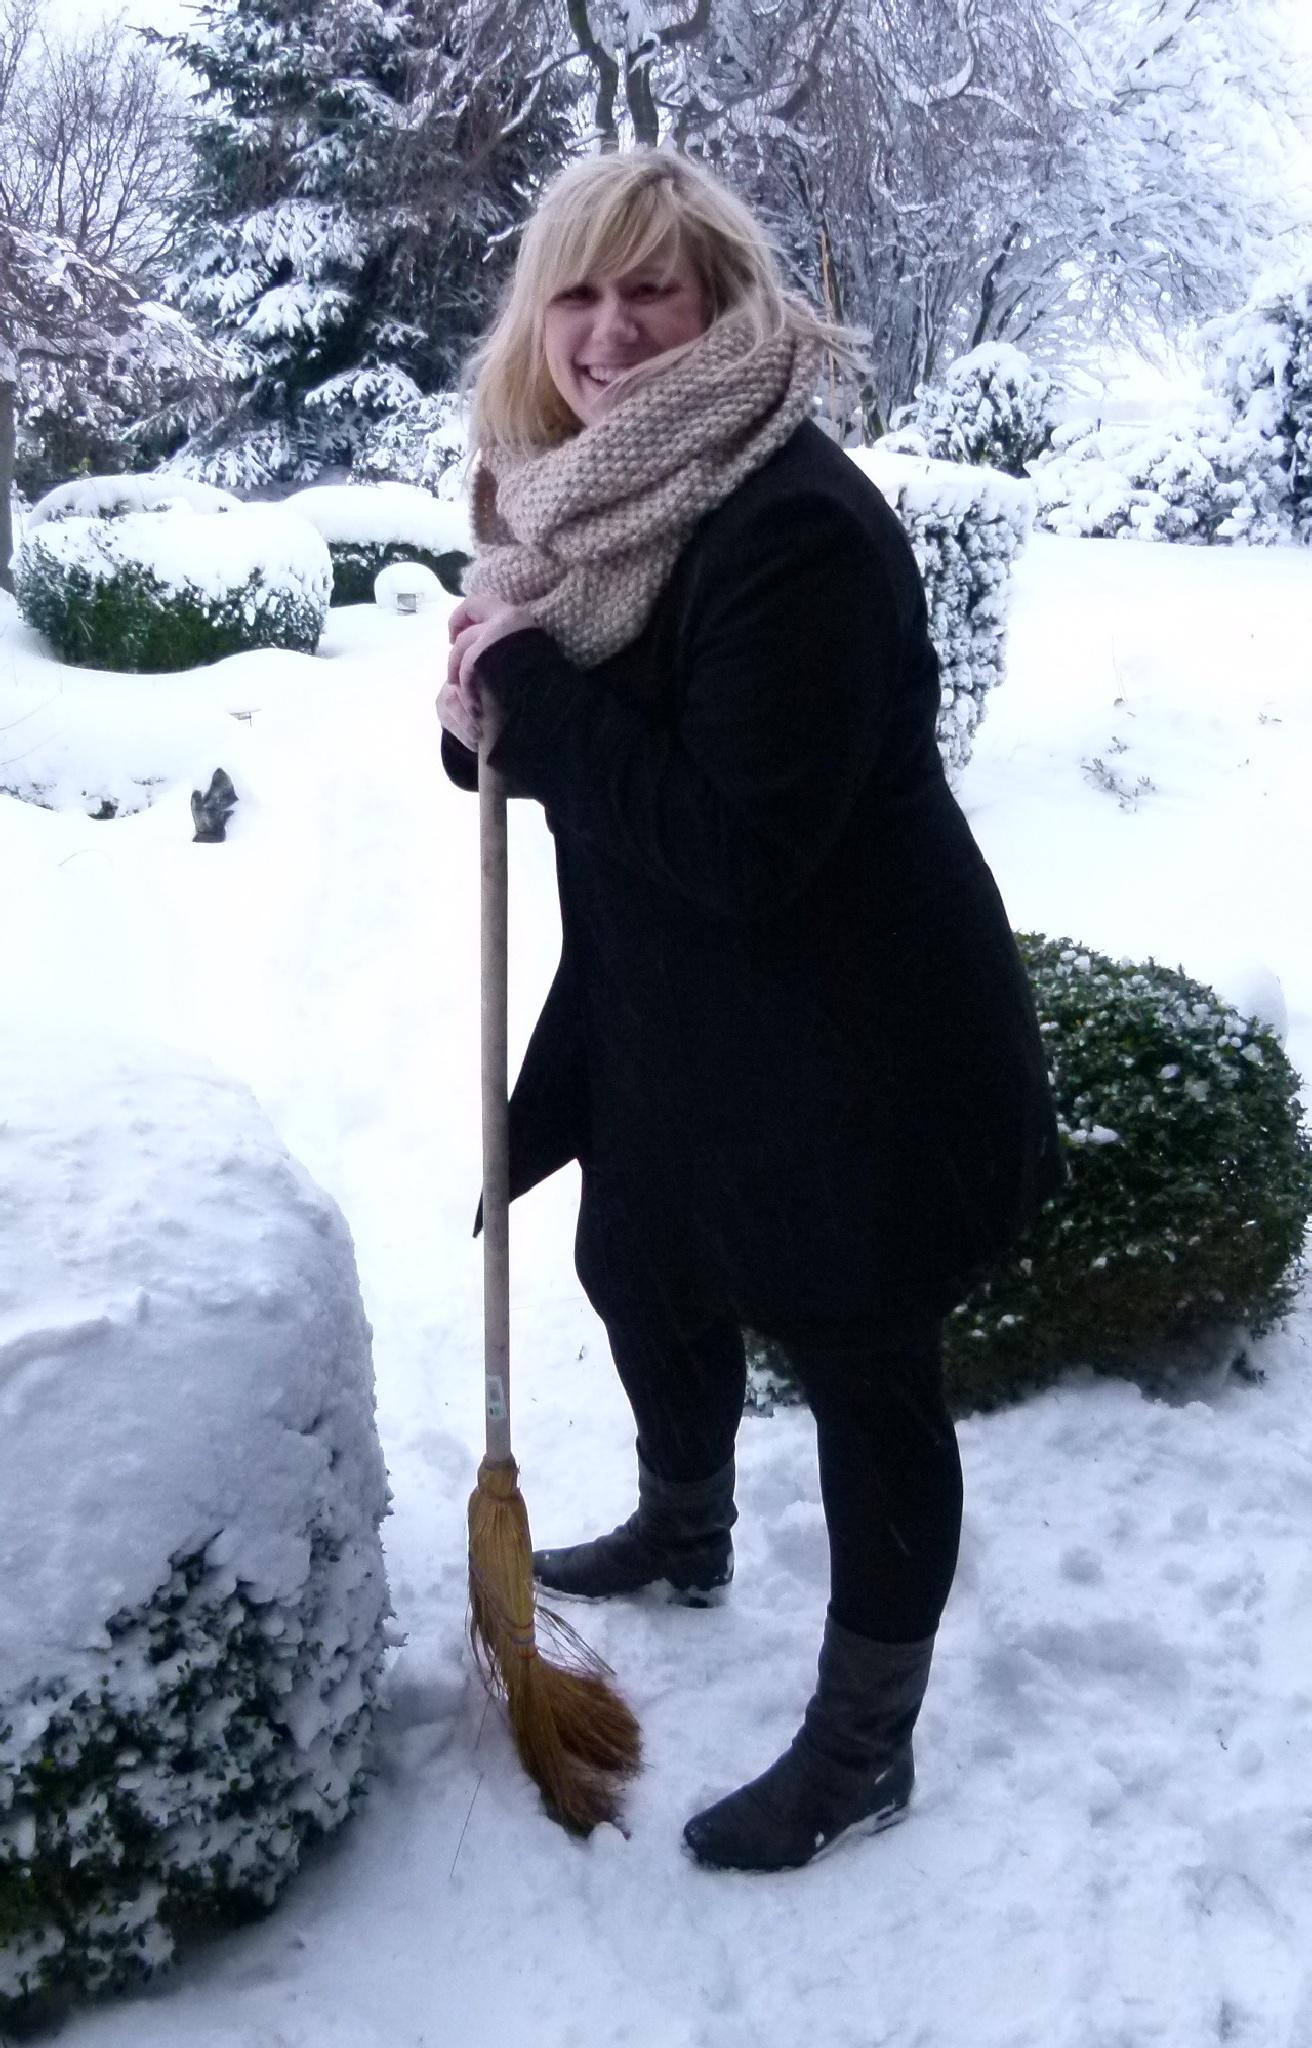 snowtime by Frank Schmidt